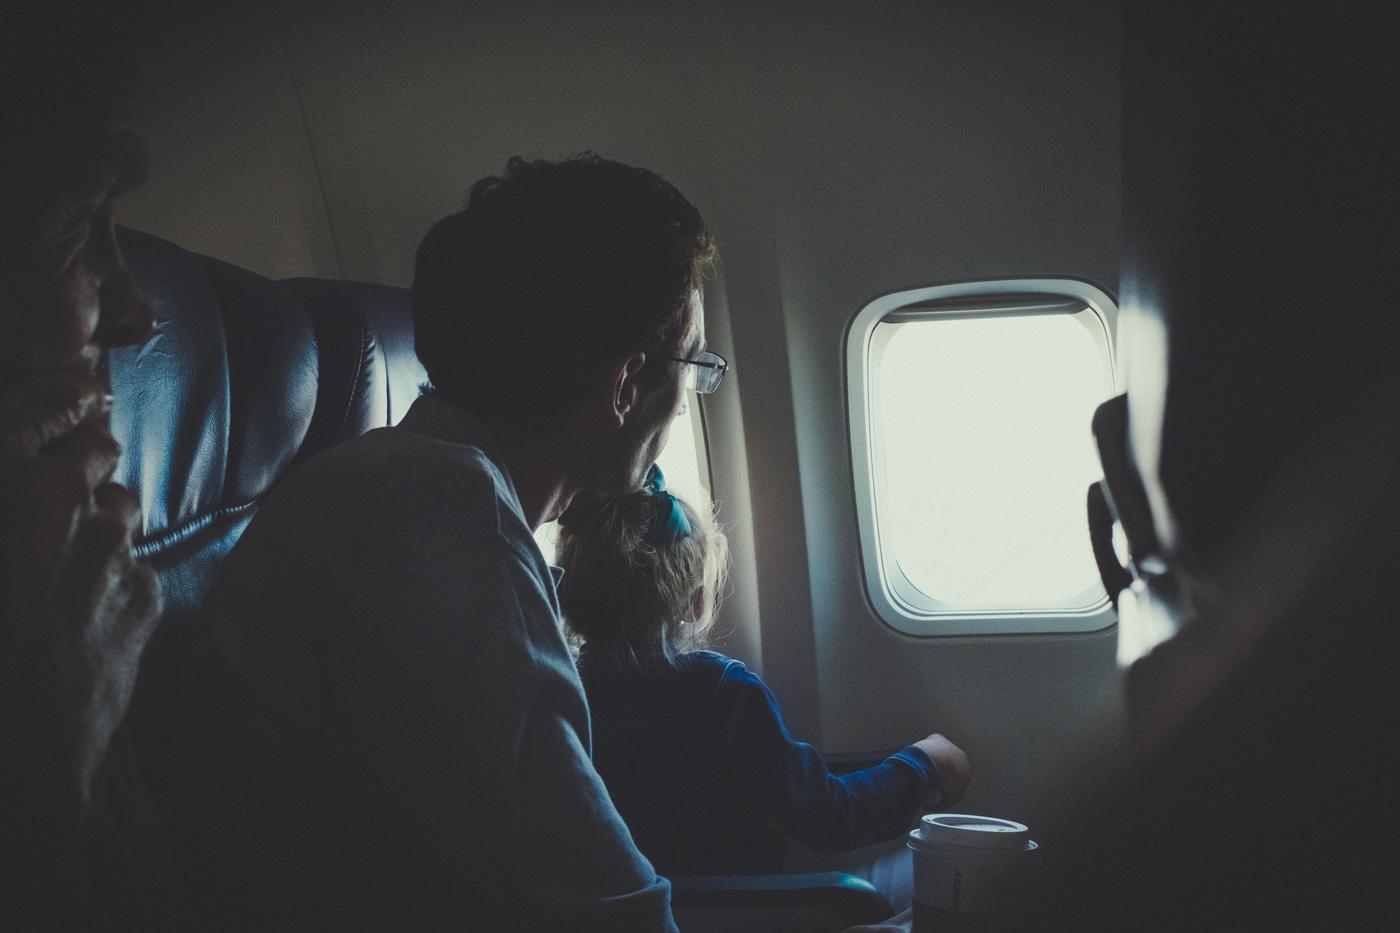 vacanze con i bambini - oblò aereo